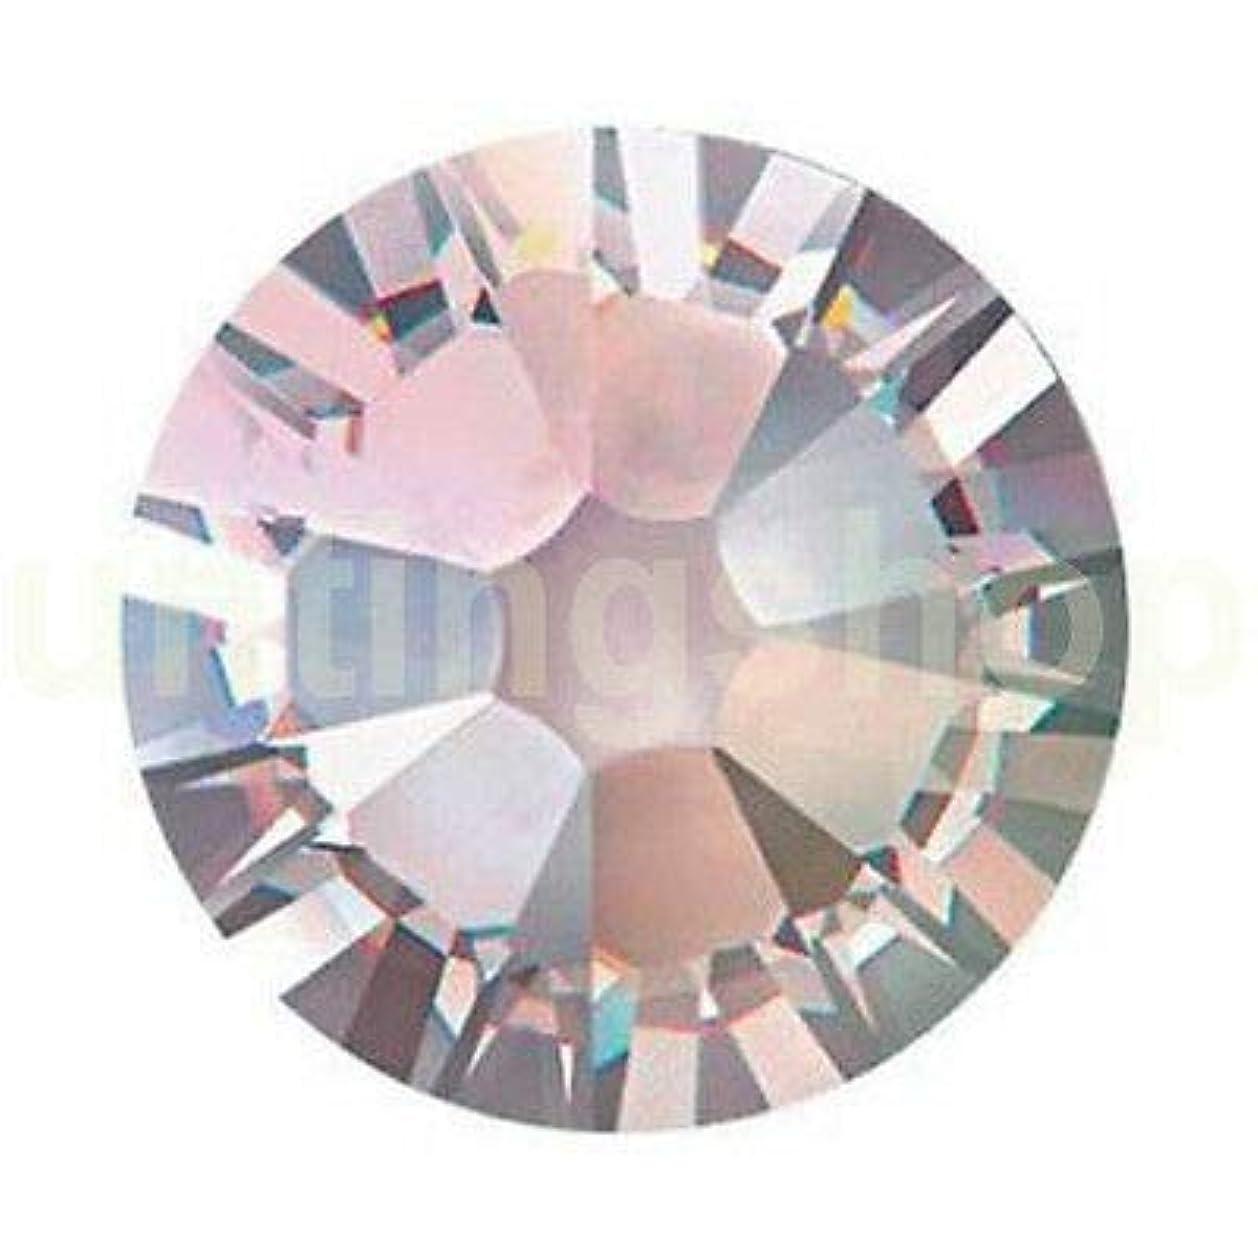 合併症さびた裁判官FidgetGear DIY 1.3-8.5 mmクリスタルヒラタラインストーンネイルアートデコレーションSS3-SS40 クリスタルAB